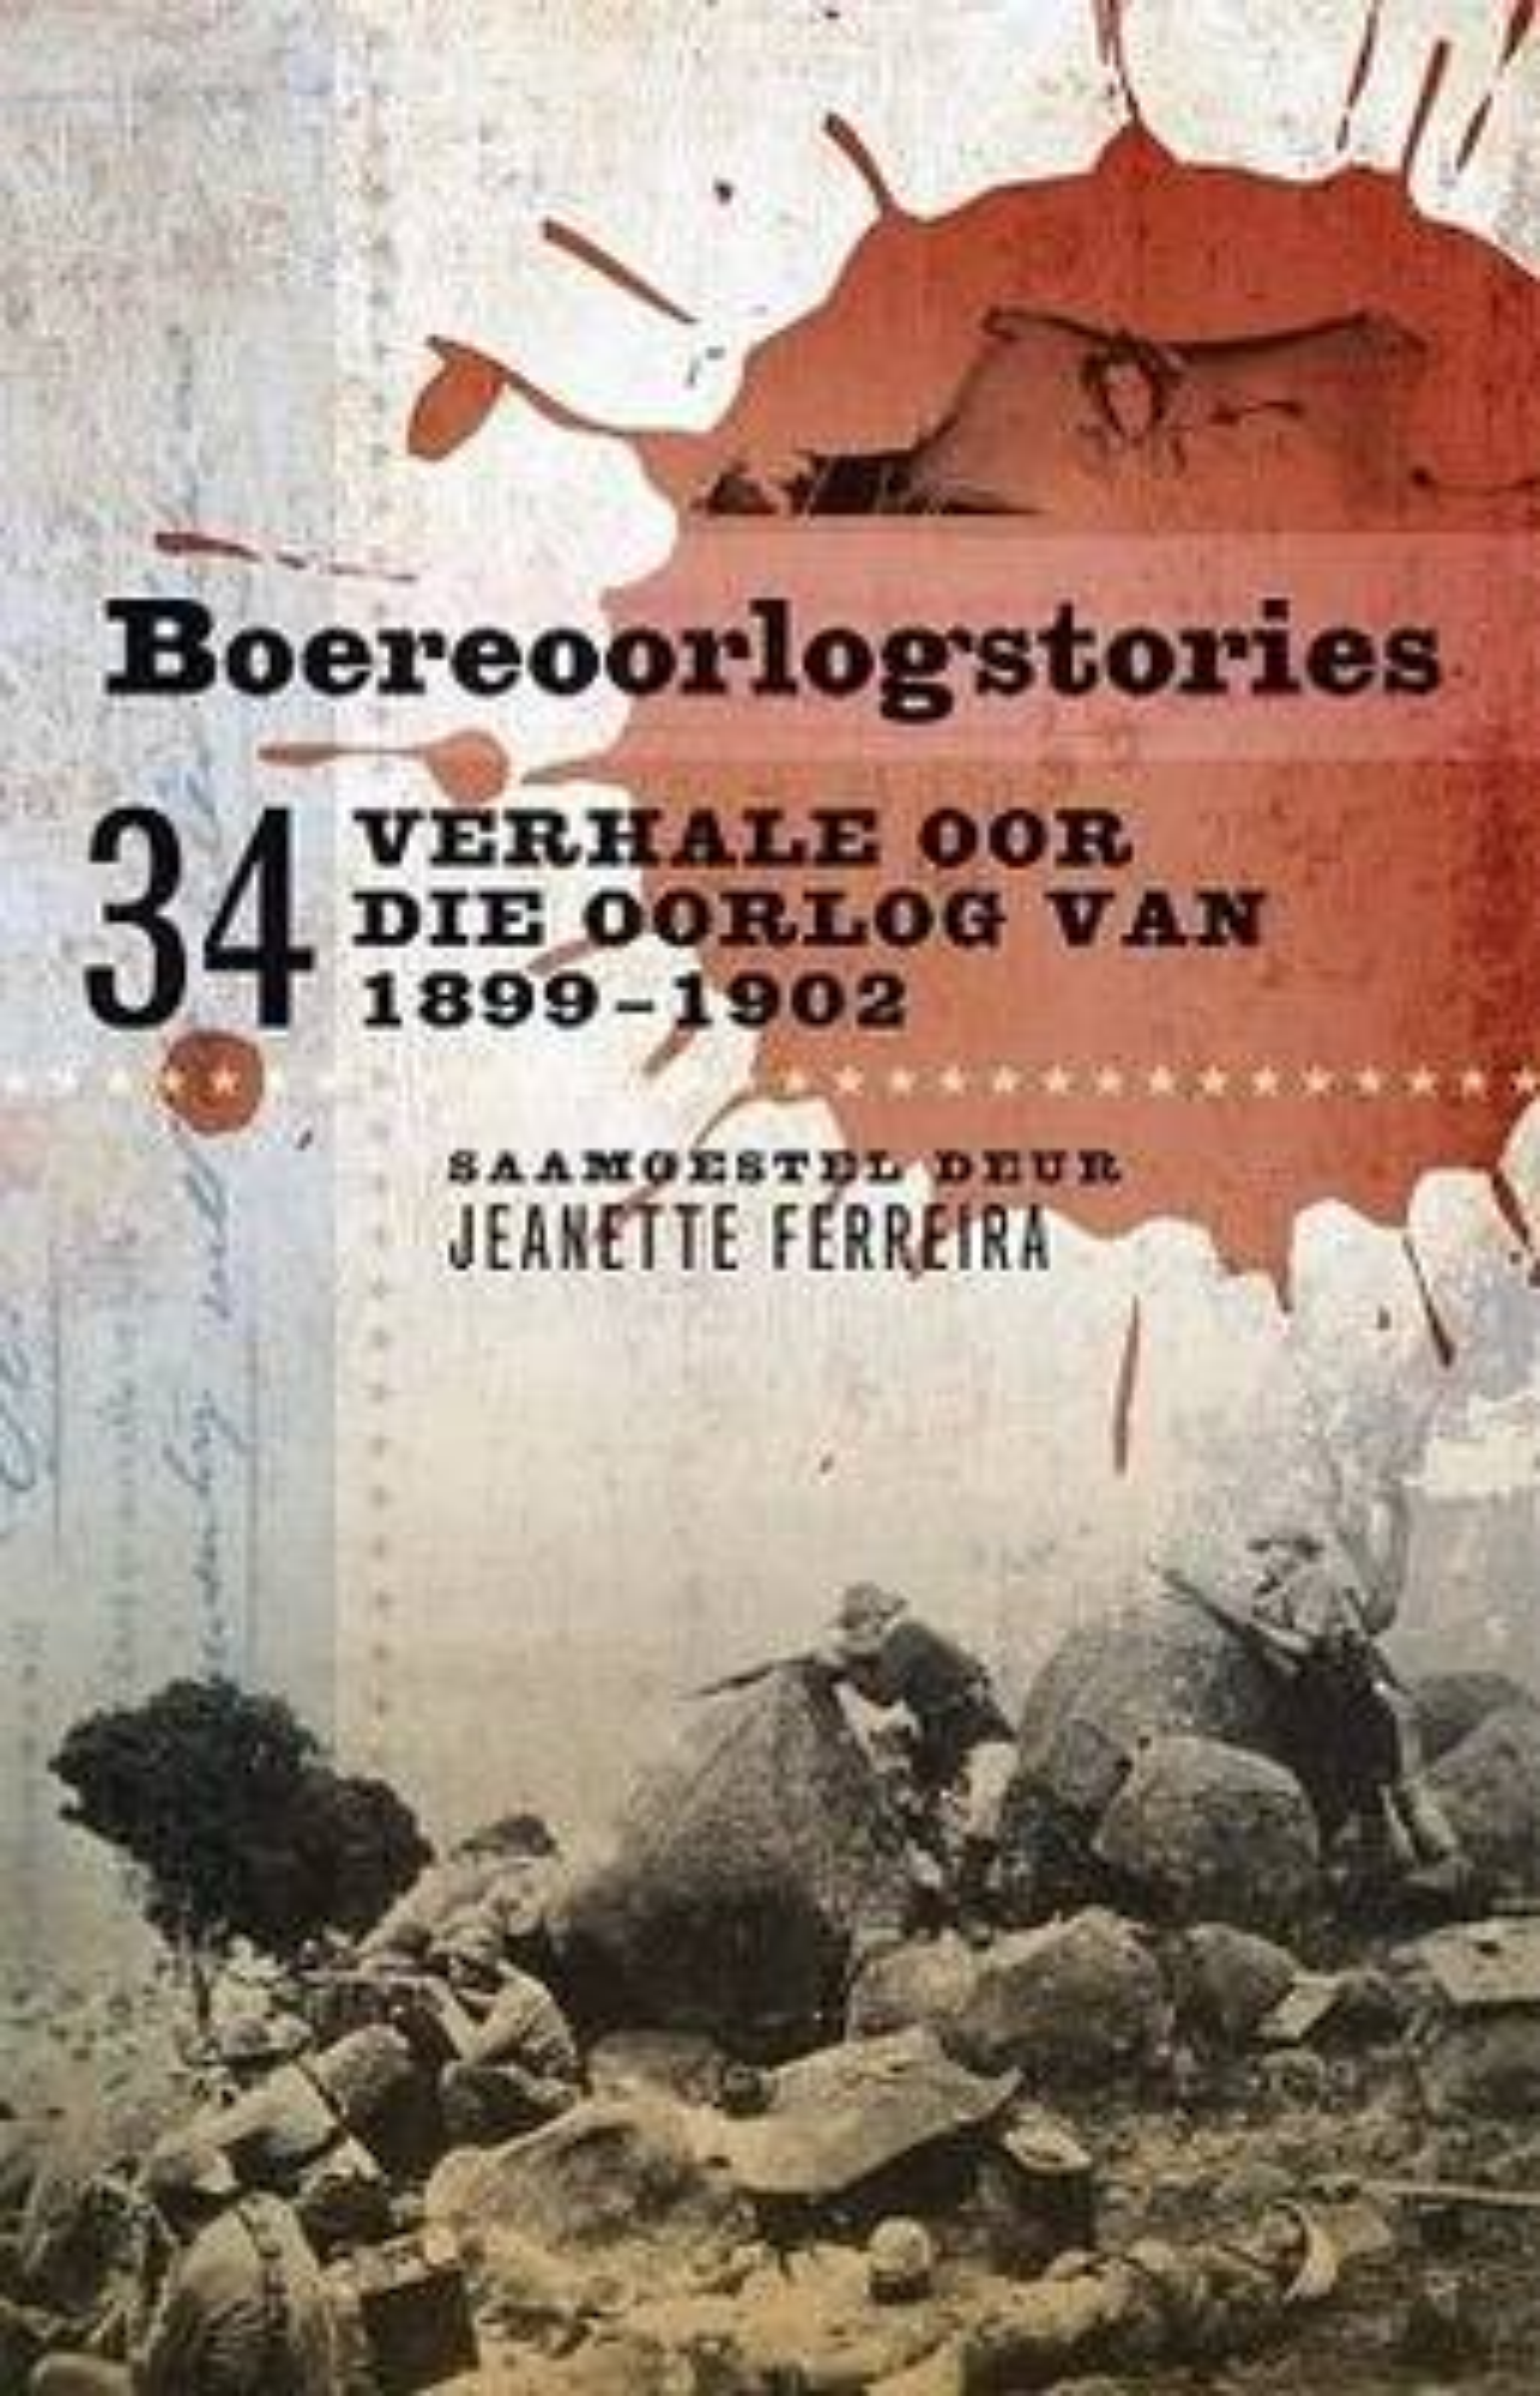 Picture of Boereoorlogstories